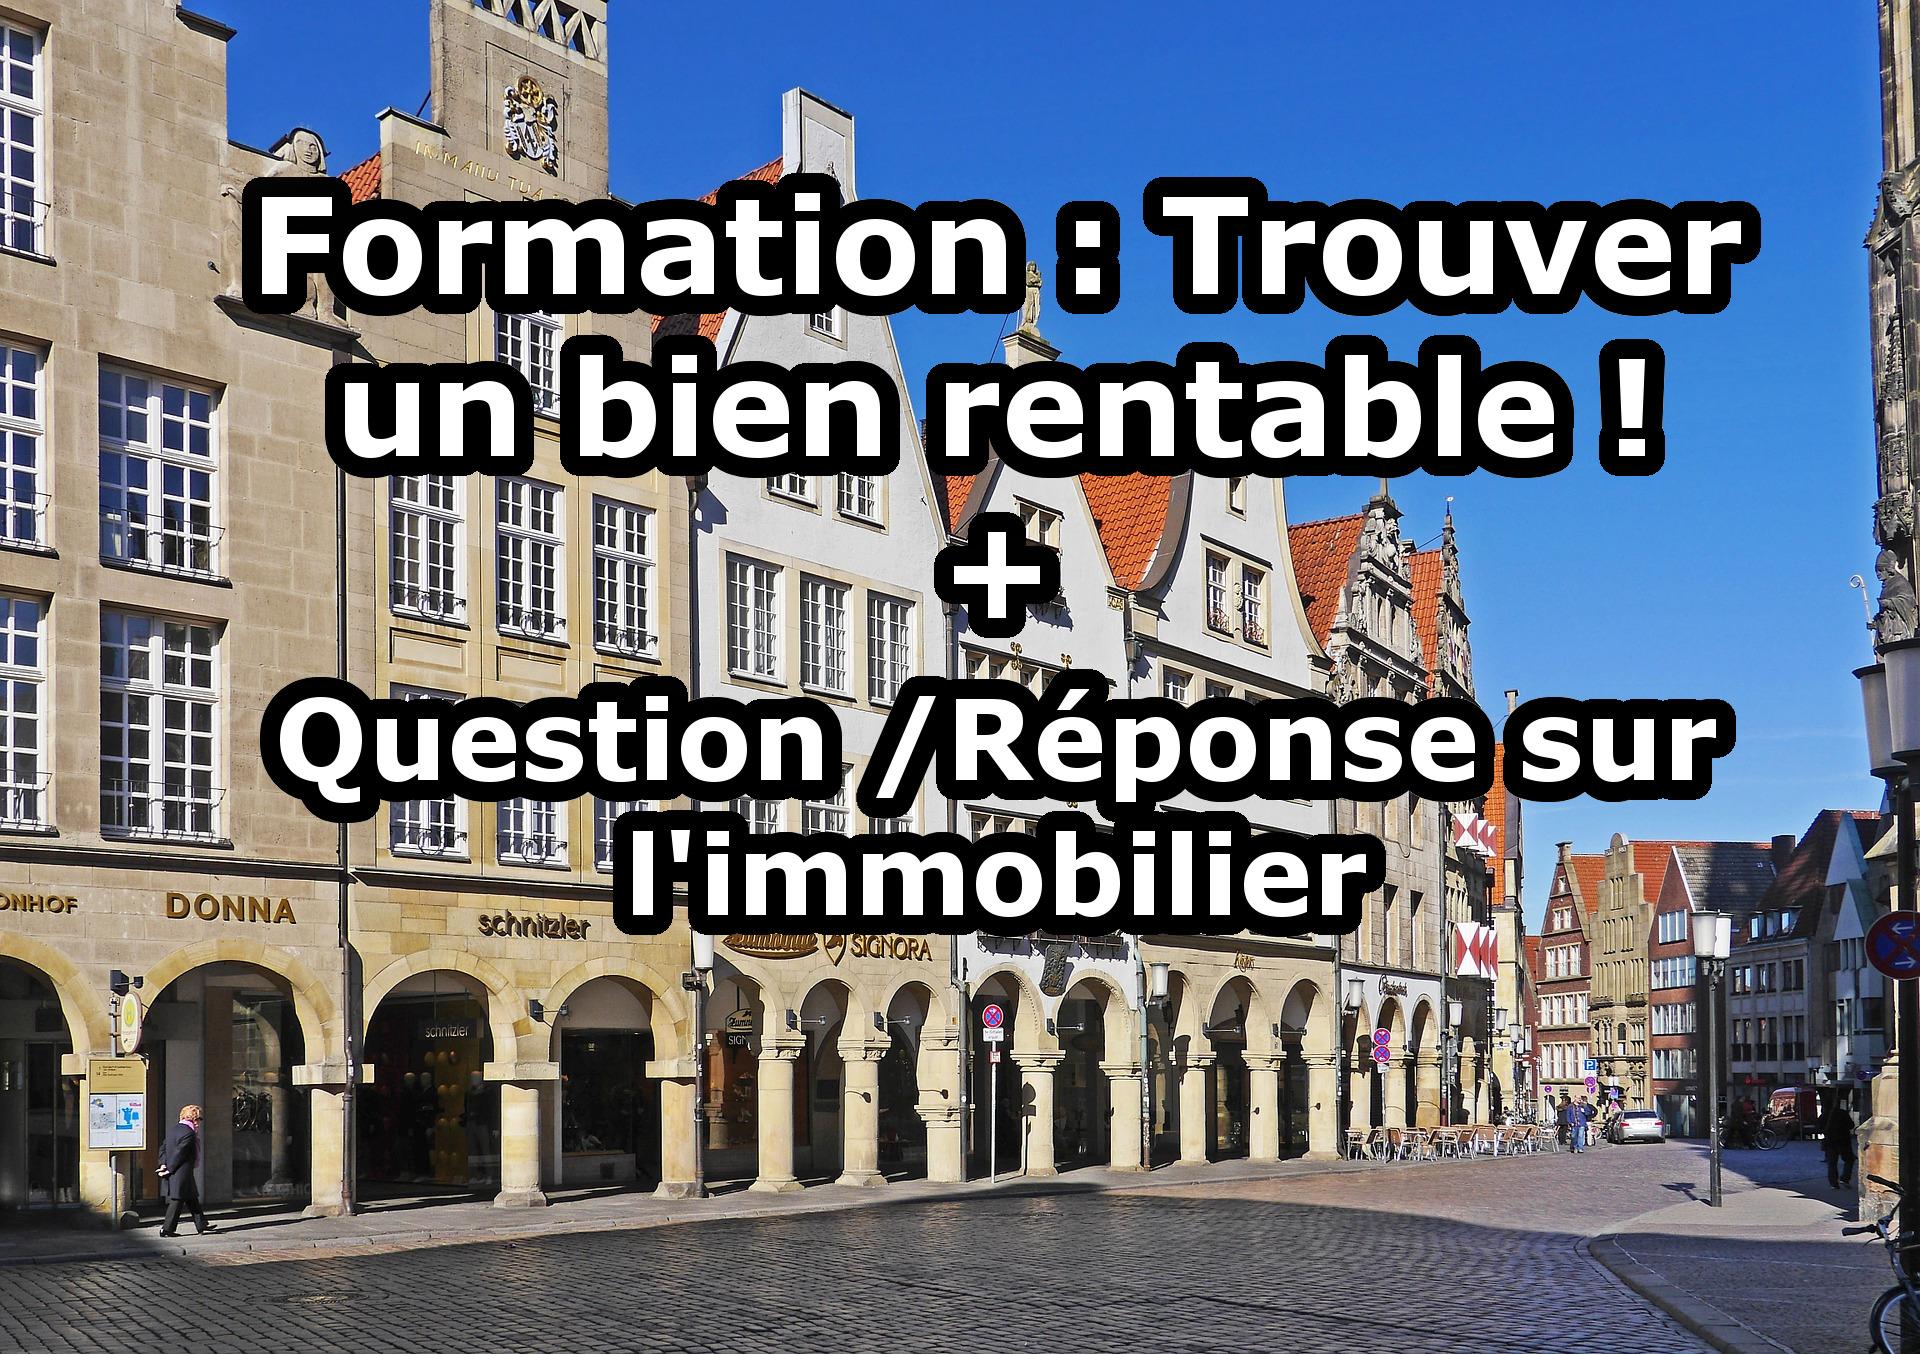 Présentation de la formation + Questions / Réponses sur l'immobilier